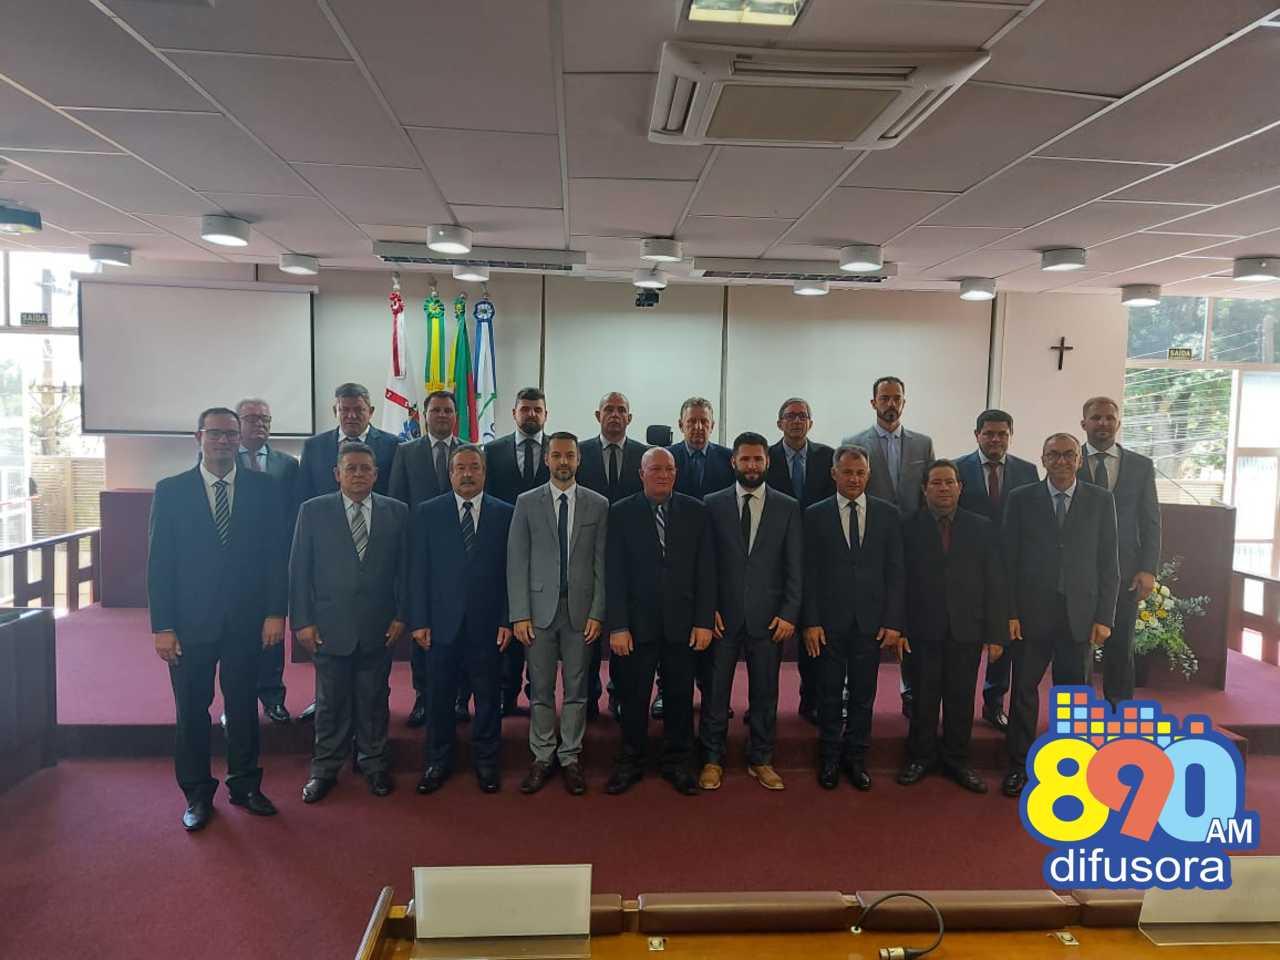 Bento: prefeito, vice e vereadores tomam posse para a gestão 2021-2024